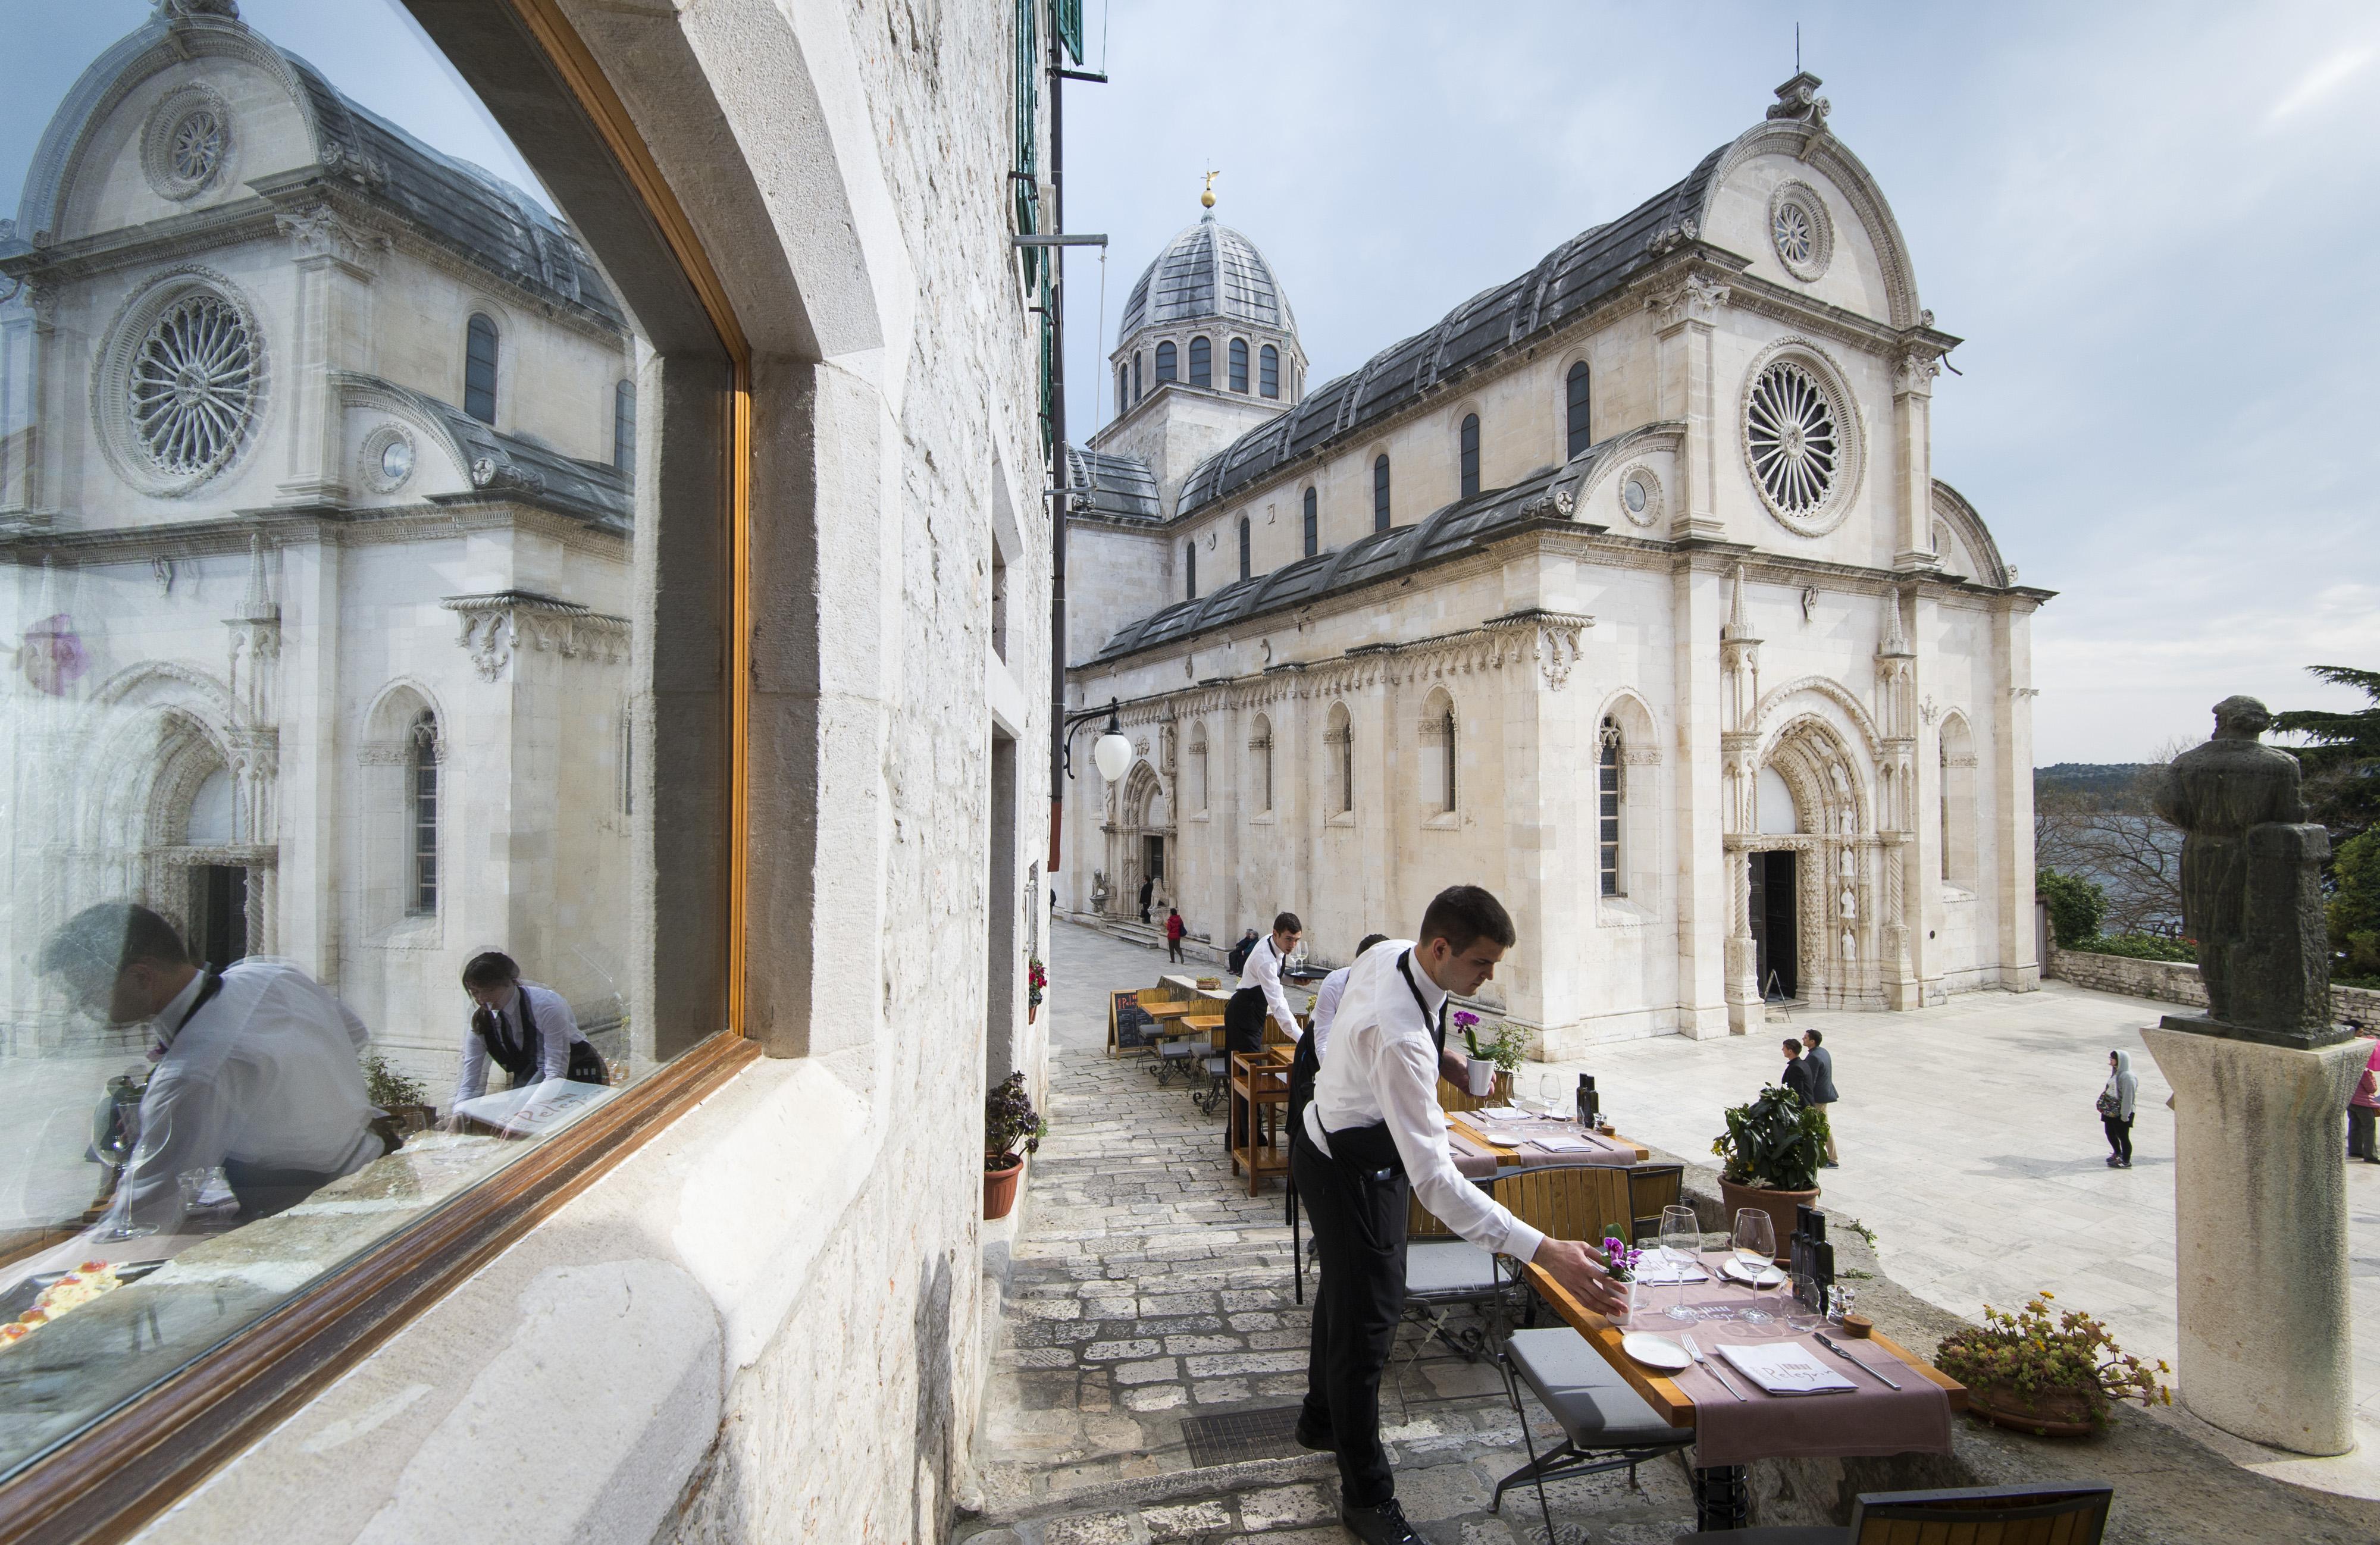 Konoba Pelegrini nalazi se uz šibensku katedralu sv. Jakova.